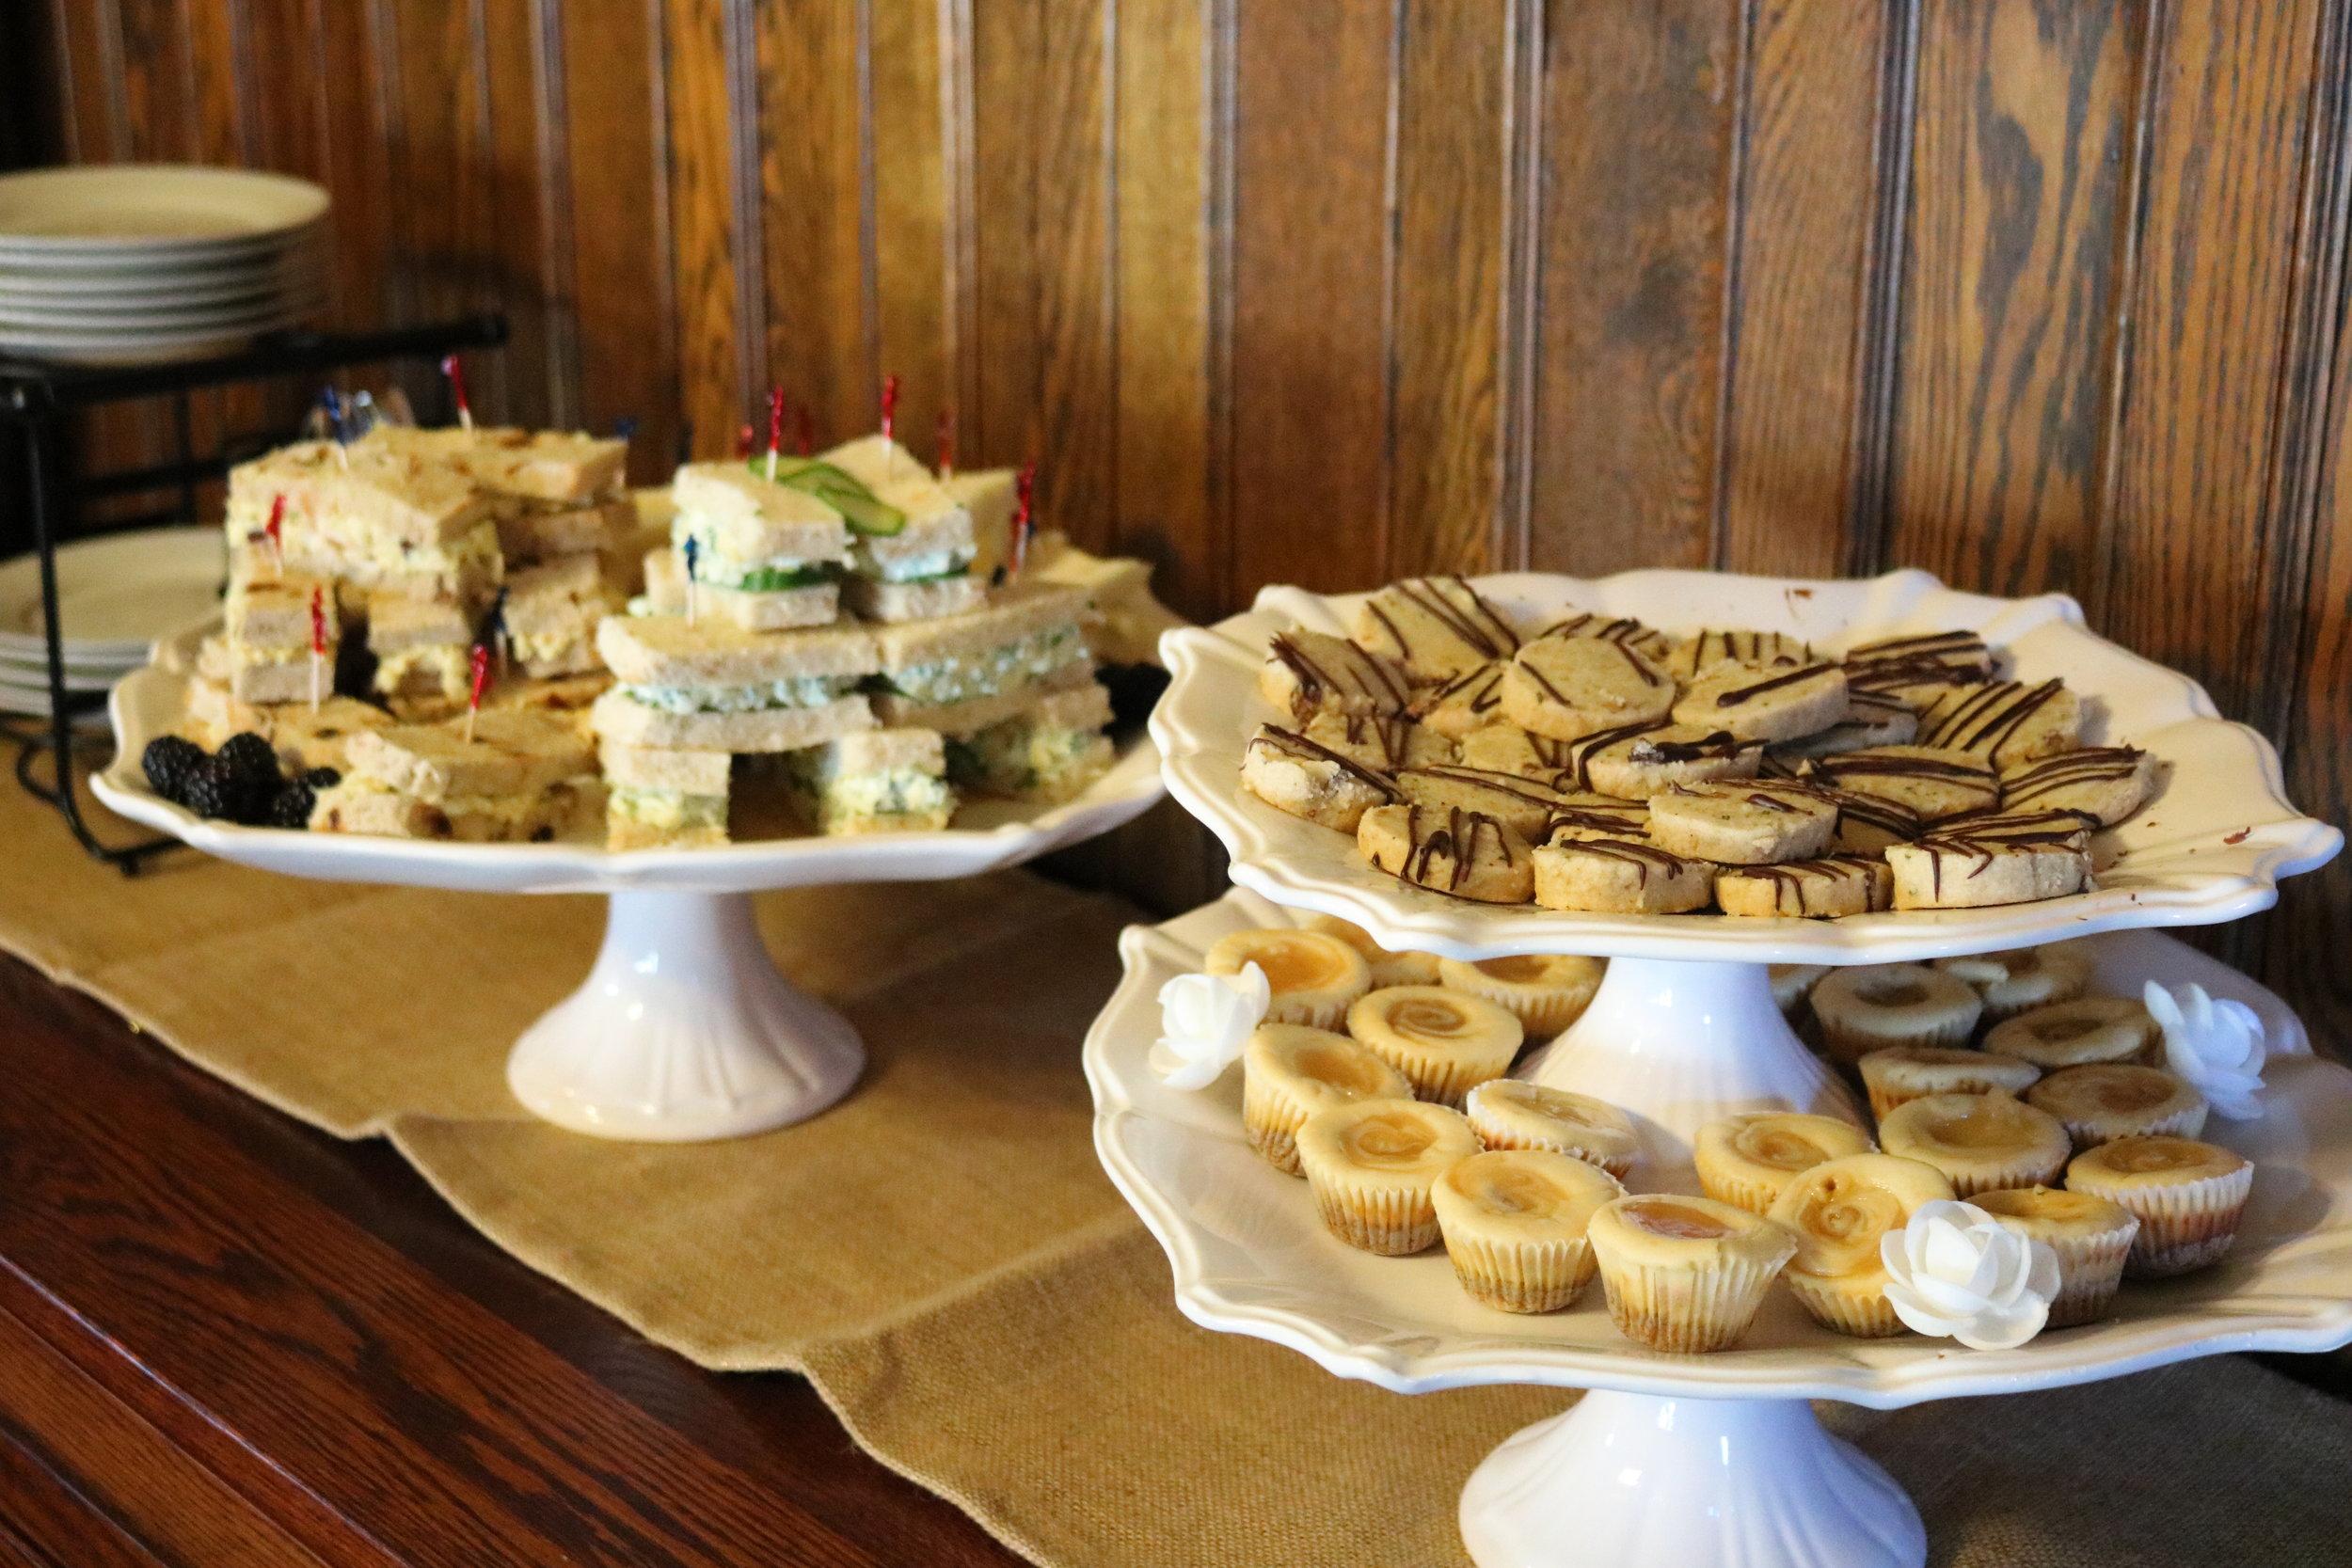 tasty looking treats on tray